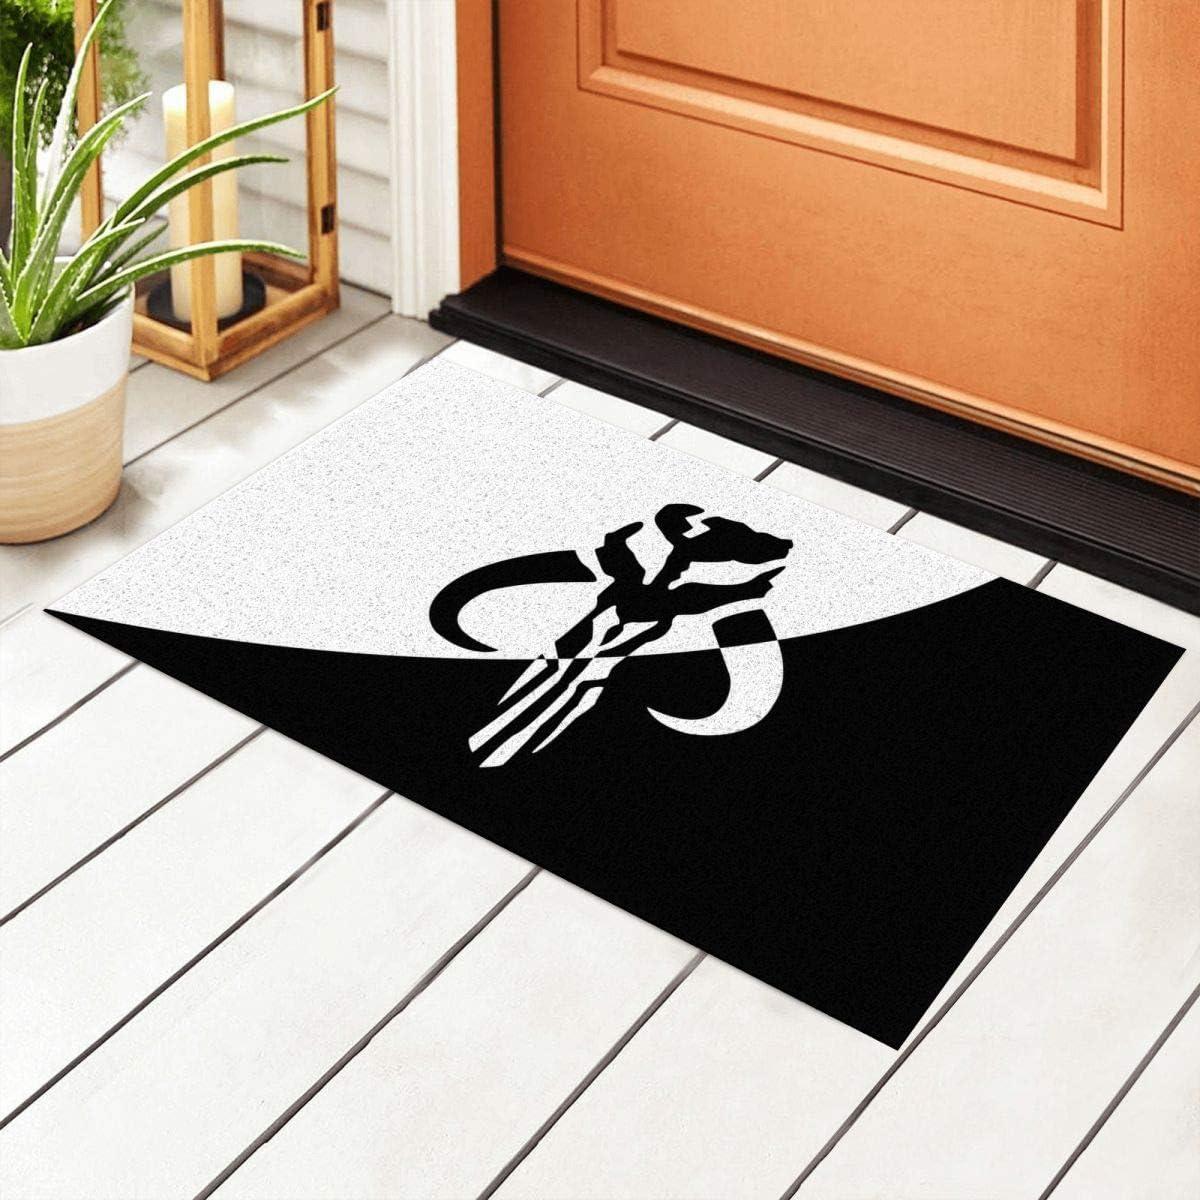 Yuange Star war Manda-lorian Door Mat Outdoor Rug Non Slip PVC Doormat Front Indoor Outdoor Doormats PVC Backing/Bathroom/Kitchen/Bedroom/Entryway Floor Mats Carpet 23.6x15.7 Inch